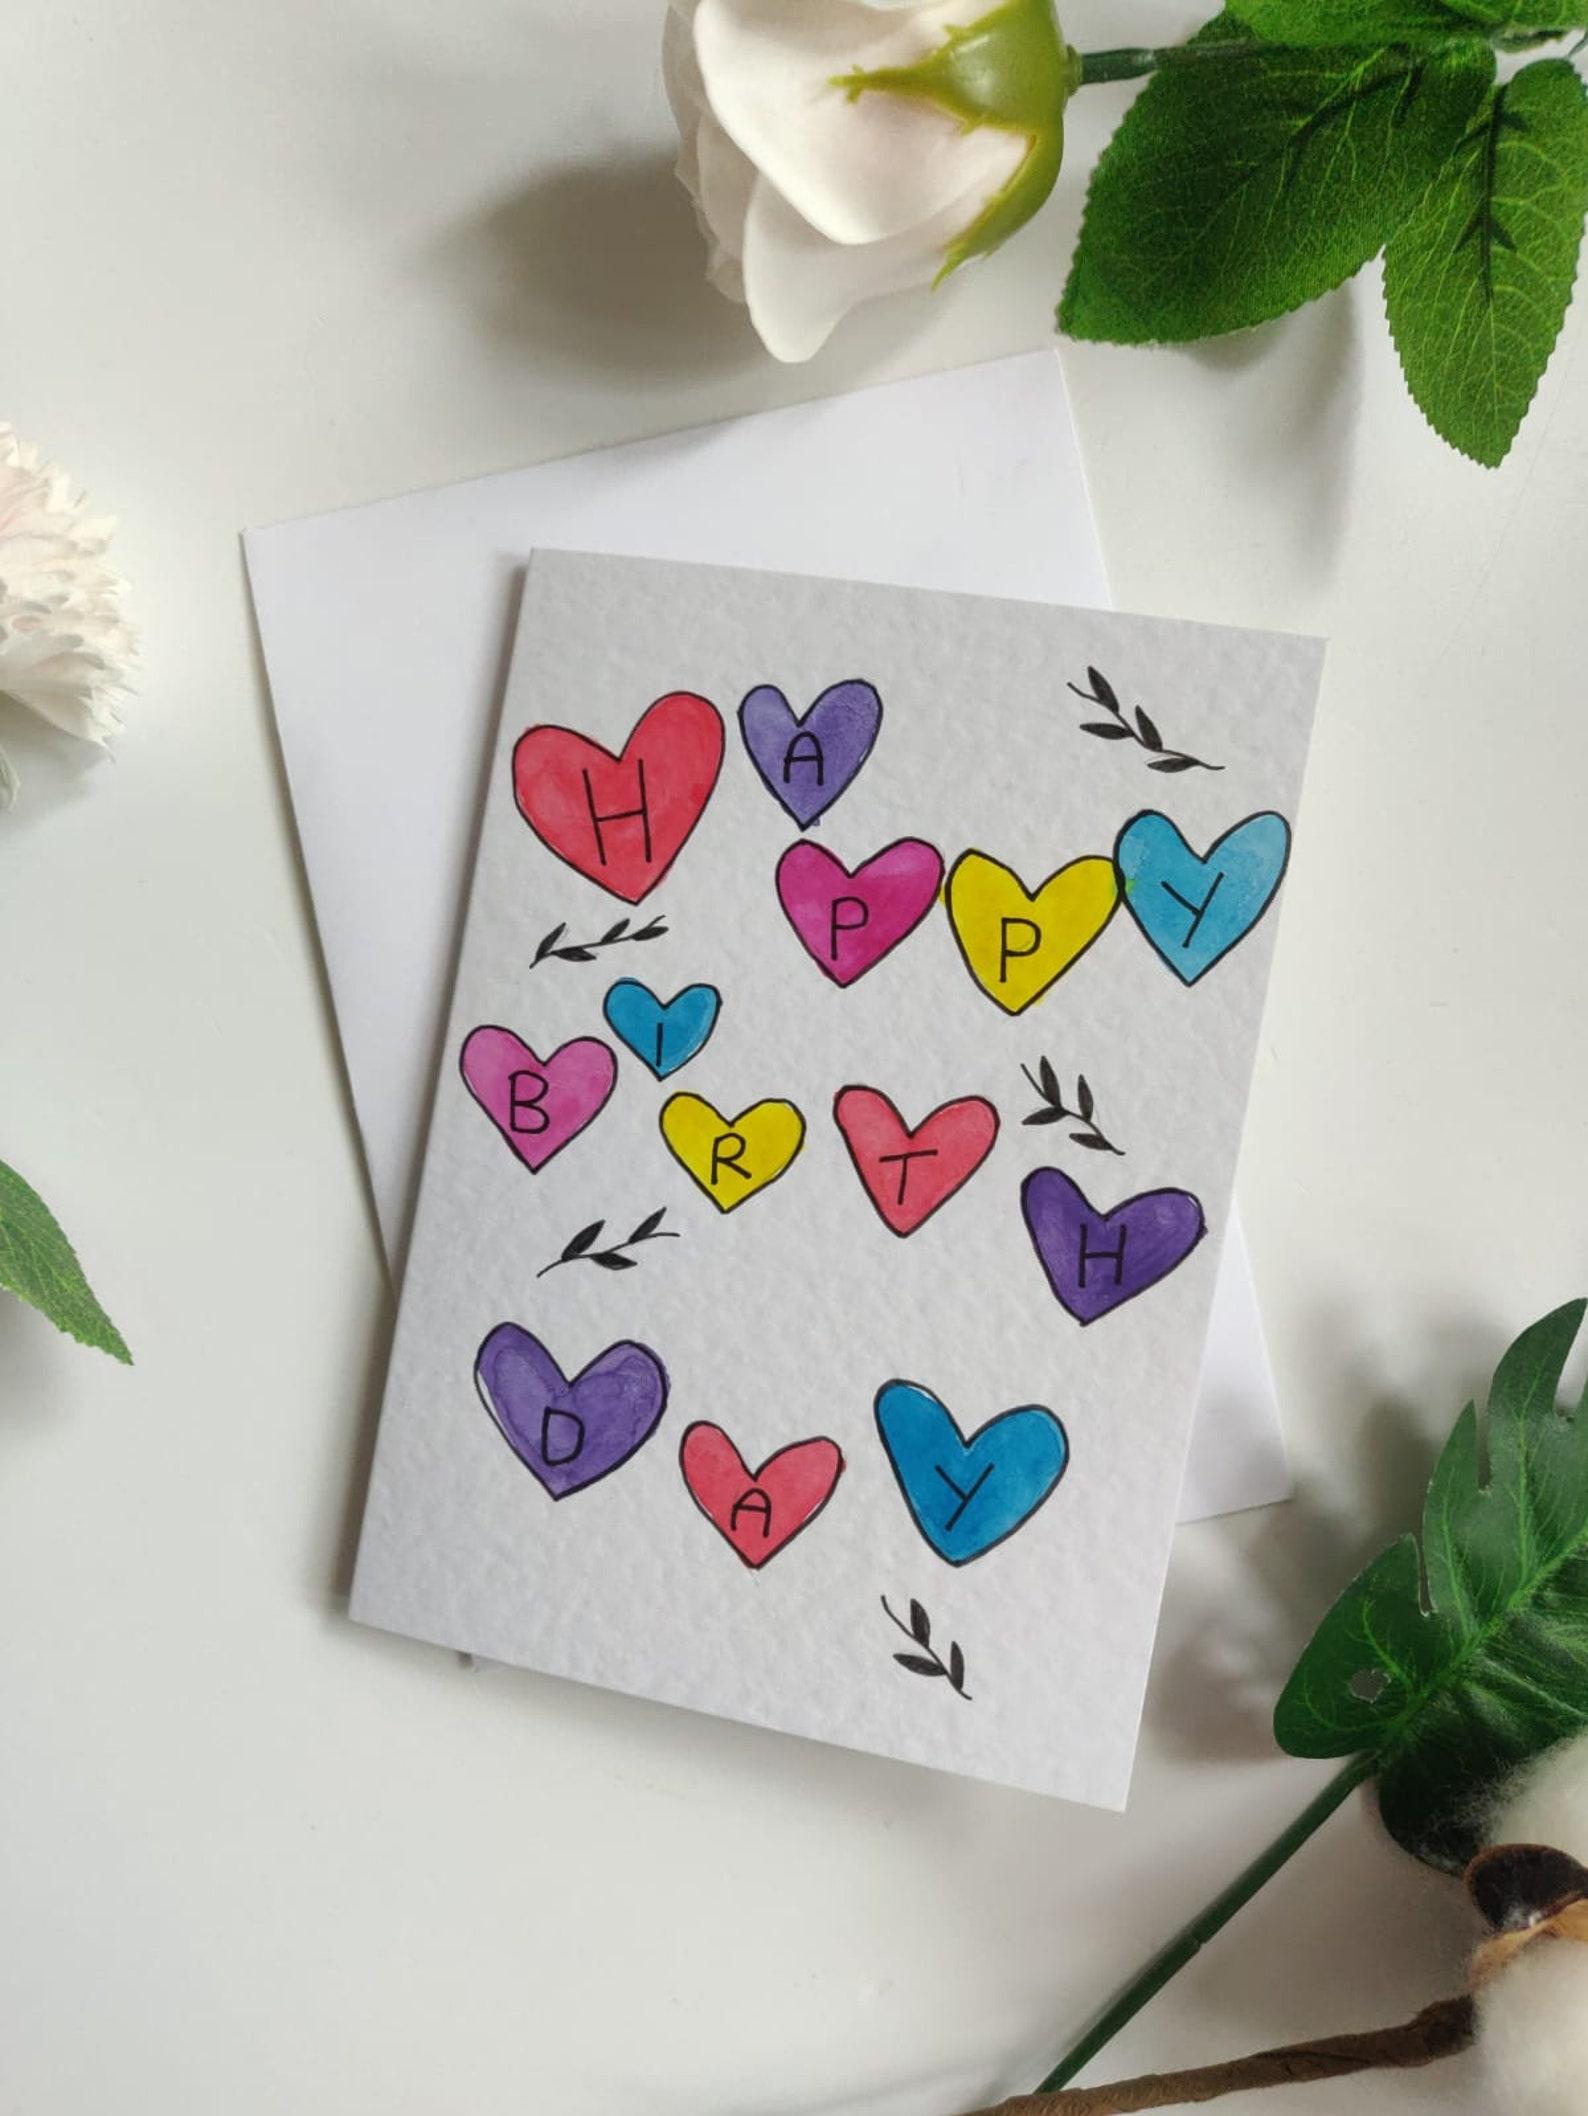 Alles Gute zum Geburtstag Briefe in Liebesherzen | Etsy